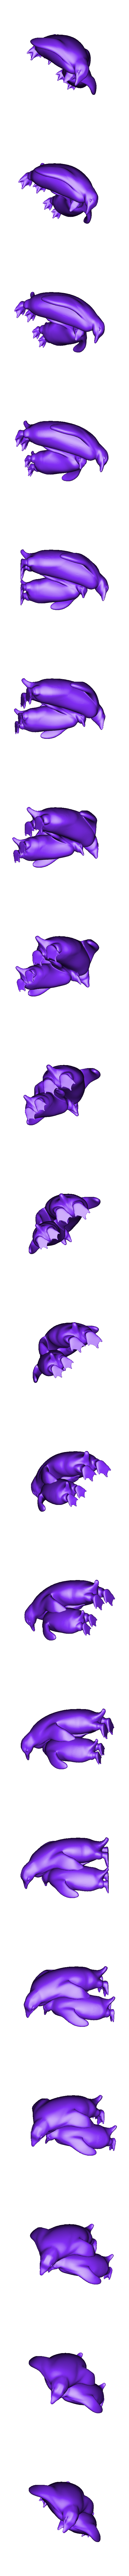 Penguins.stl Download free STL file Penguins • 3D printer model, David_Mussaffi